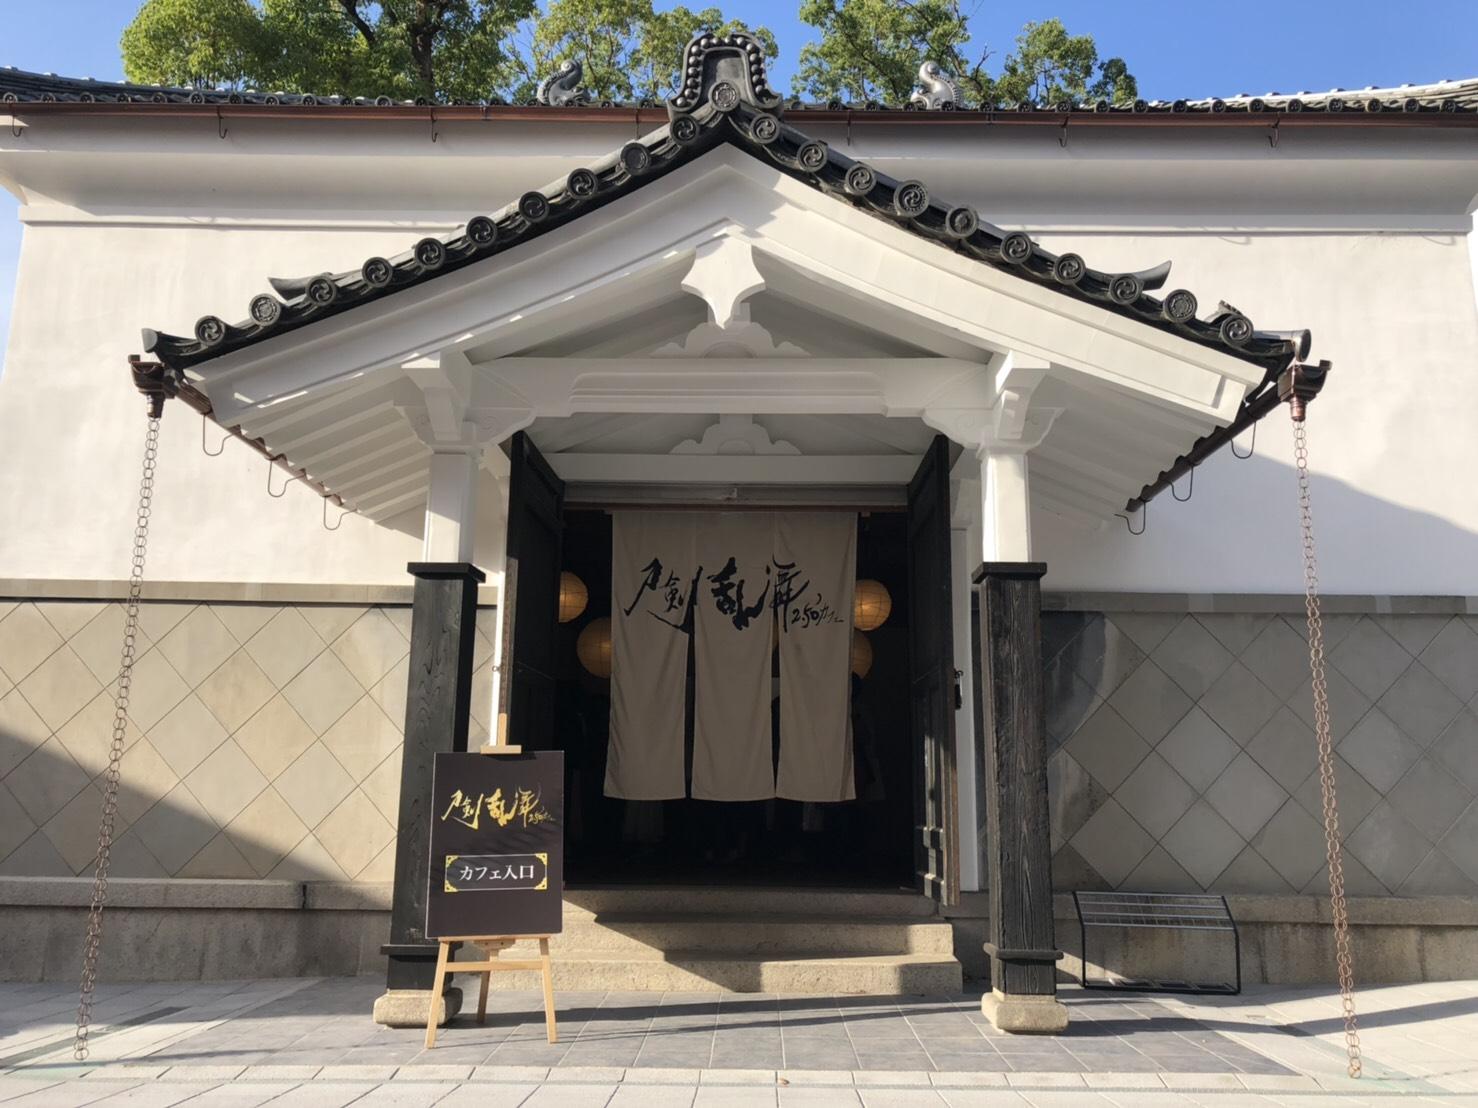 京都府京都市にオープンするカフェで『刀剣乱舞』の舞台やミュージカルの世界観を体感!